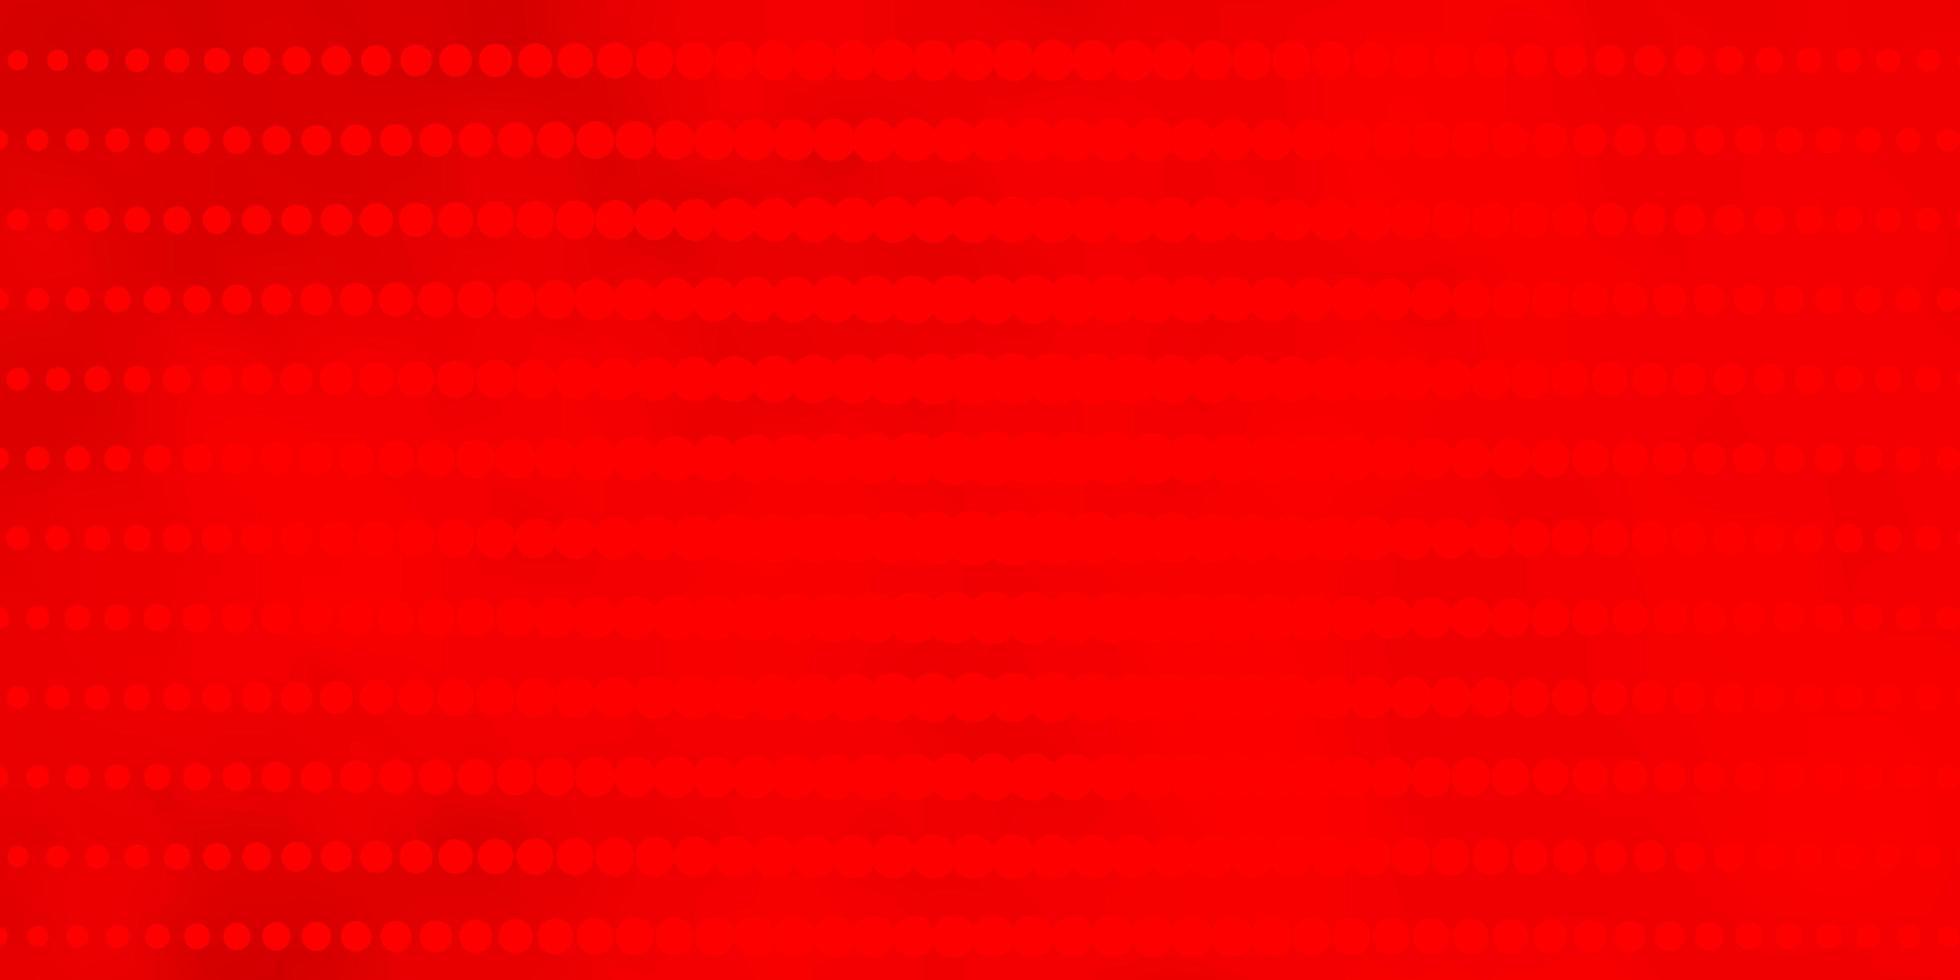 hellroter Vektorhintergrund mit Kreisen. vektor